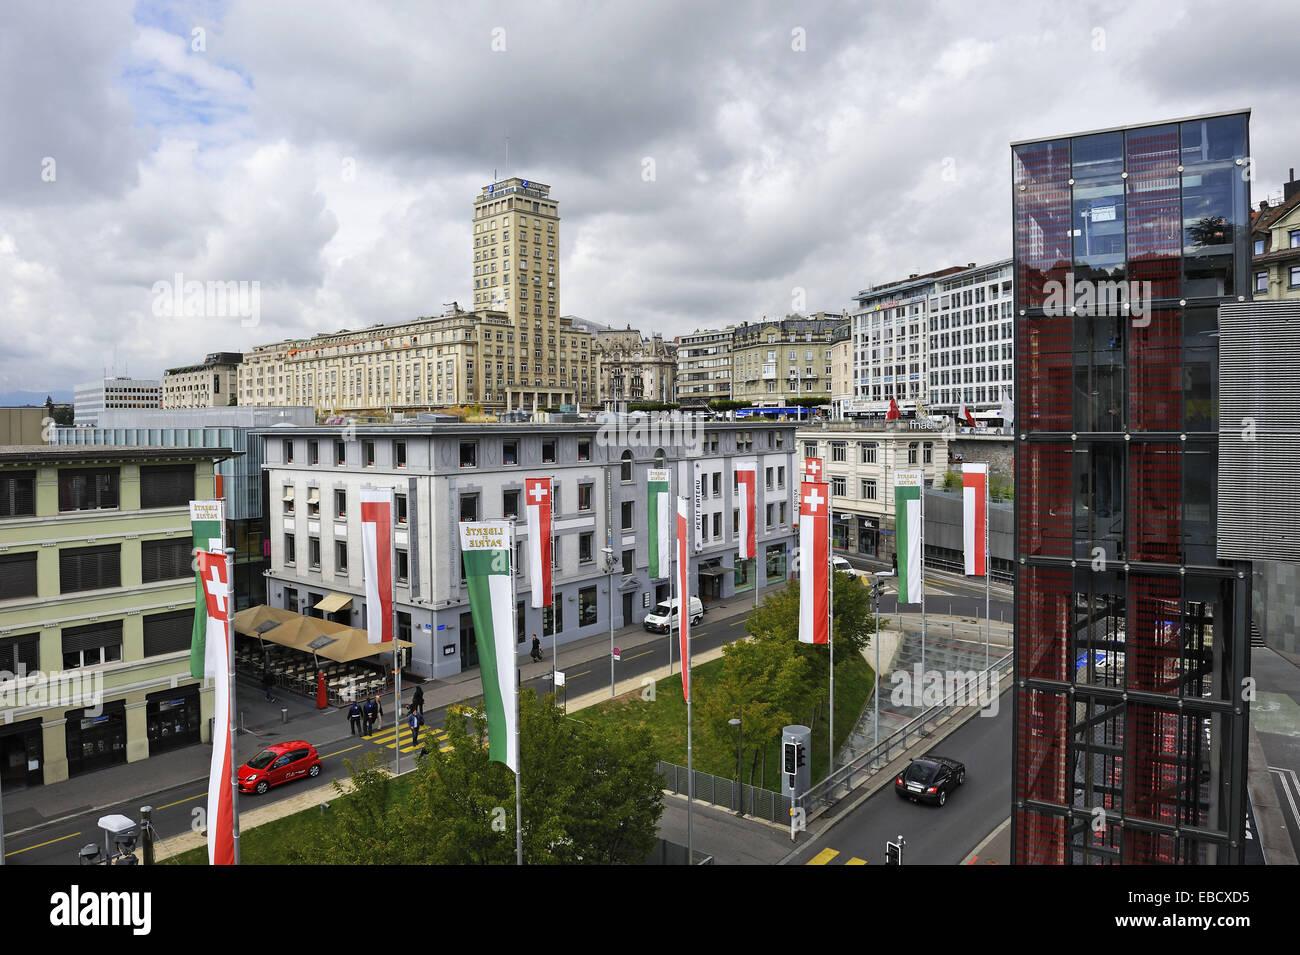 Gli sfondi di architettura bel ponte in aria il Cantone di Vaud immagine a colori quartiere confederazione ascensore Immagini Stock